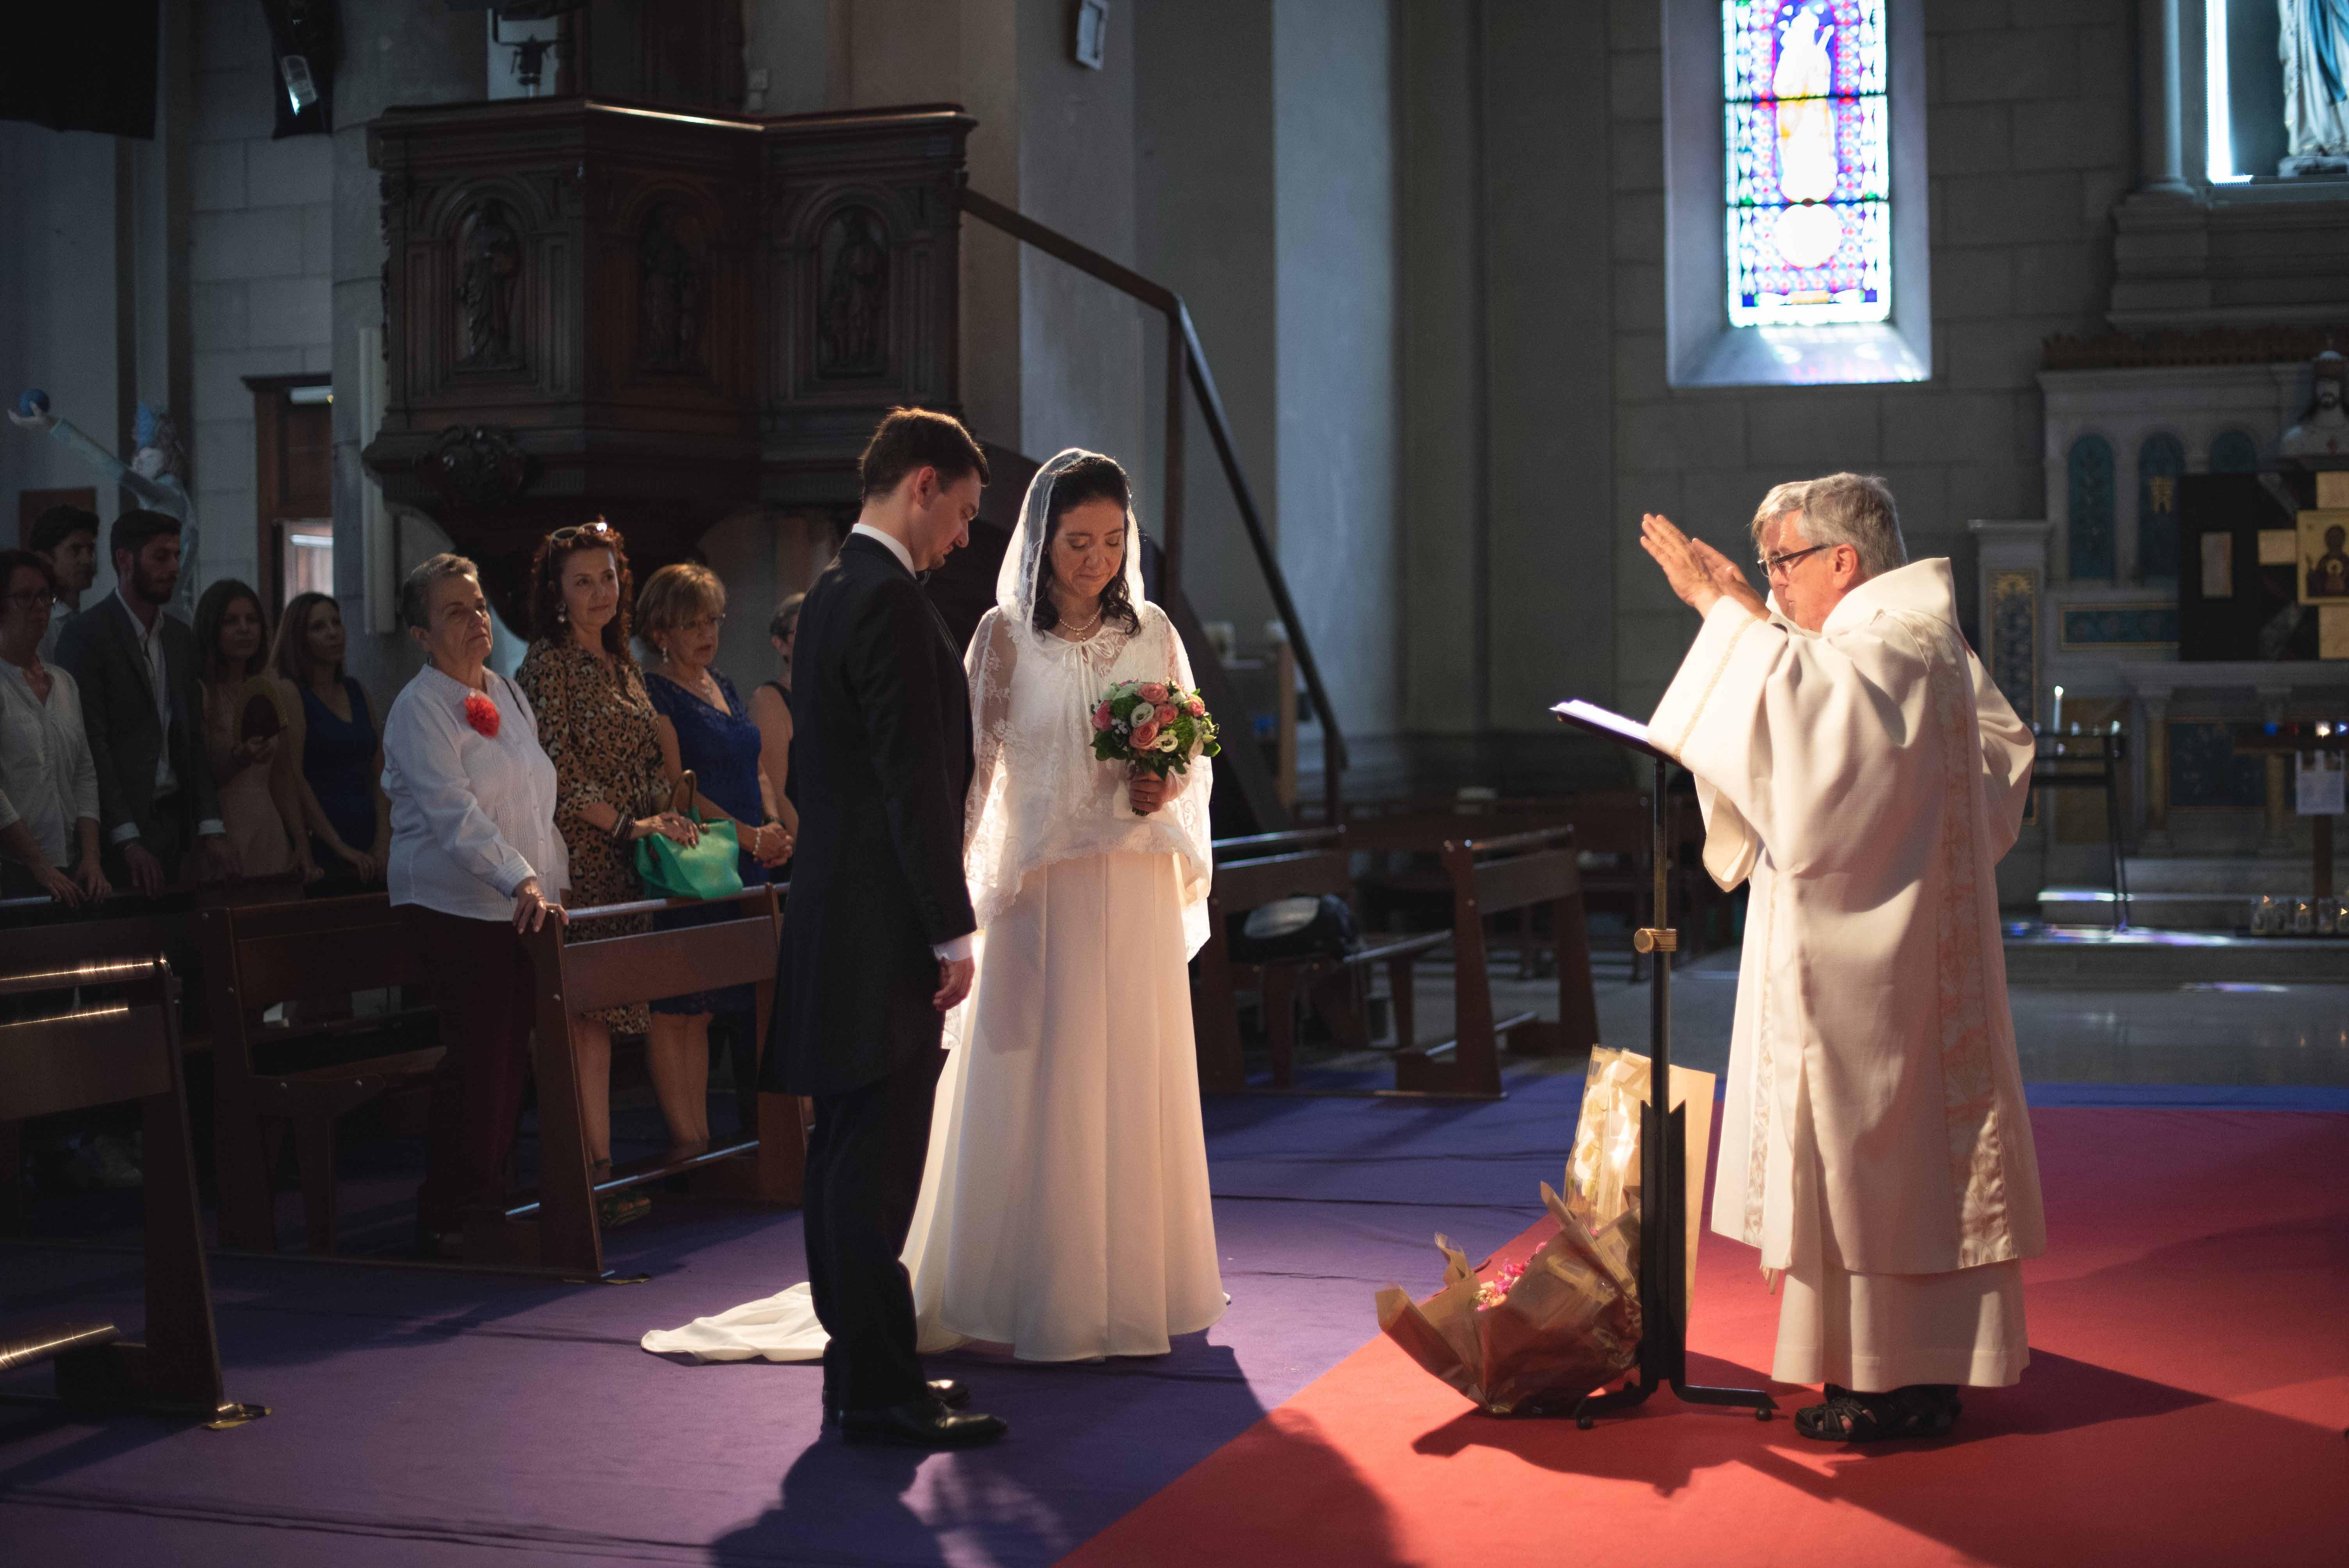 Mariage à l'église Nice reportage photo